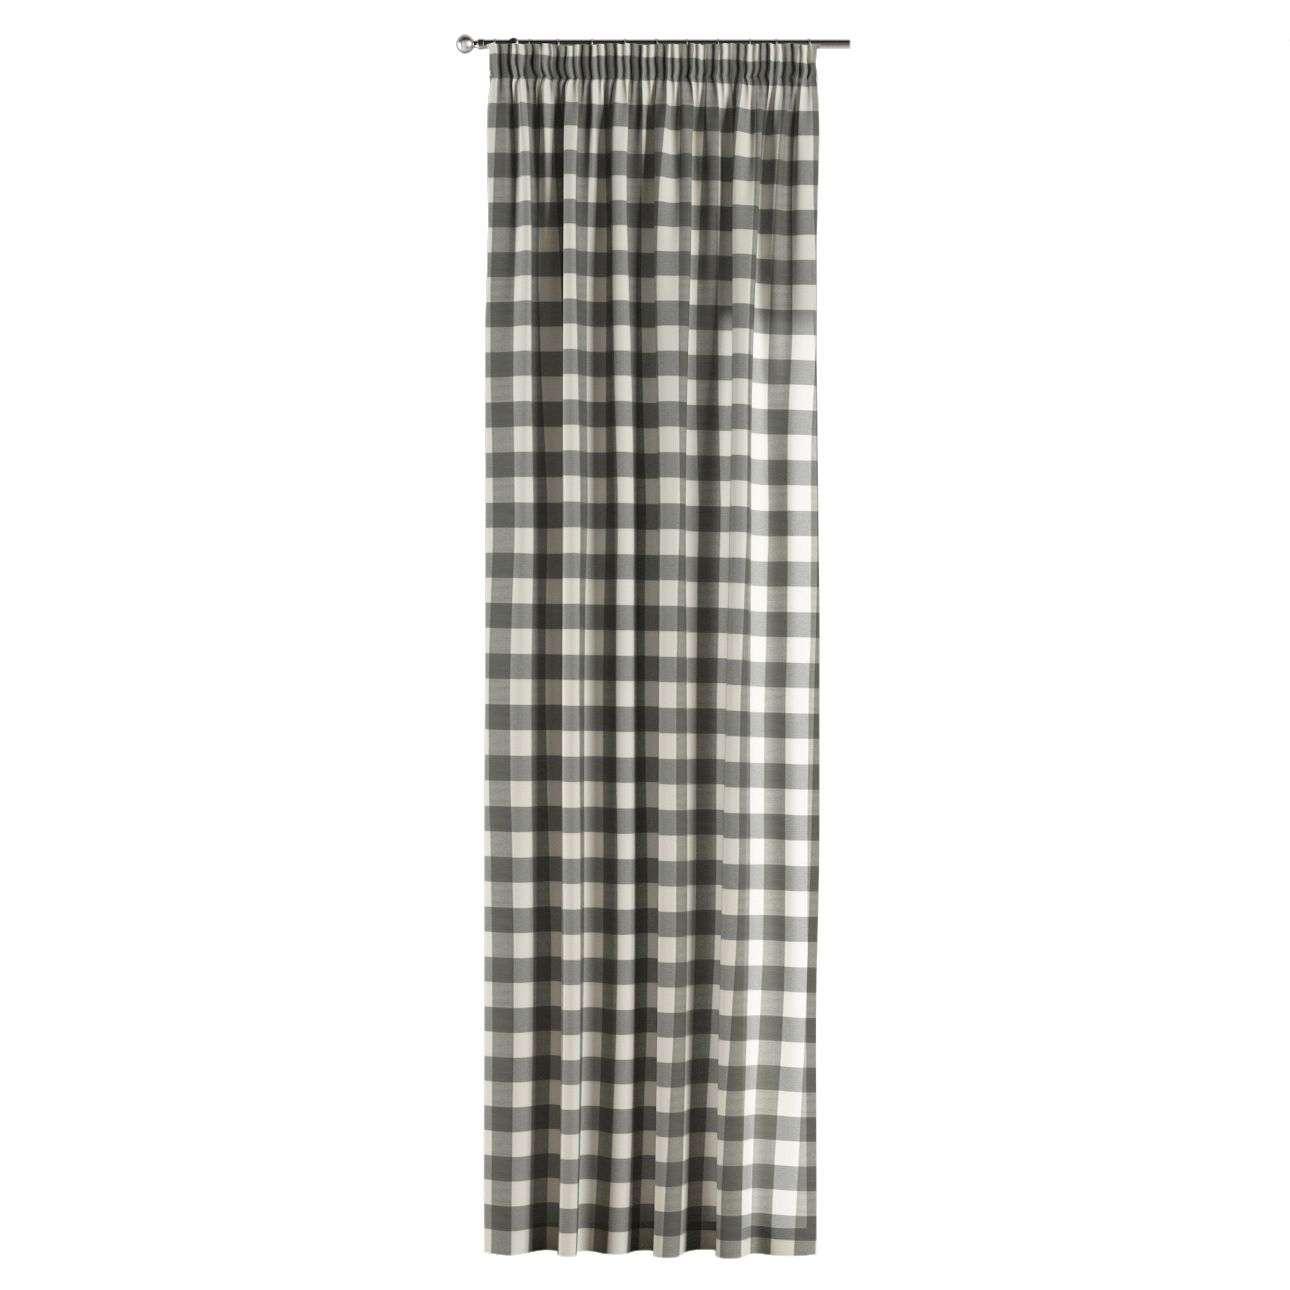 Gardin med rynkebånd 1 stk. 130 x 260 cm fra kolleksjonen Quadro, Stoffets bredde: 136-13